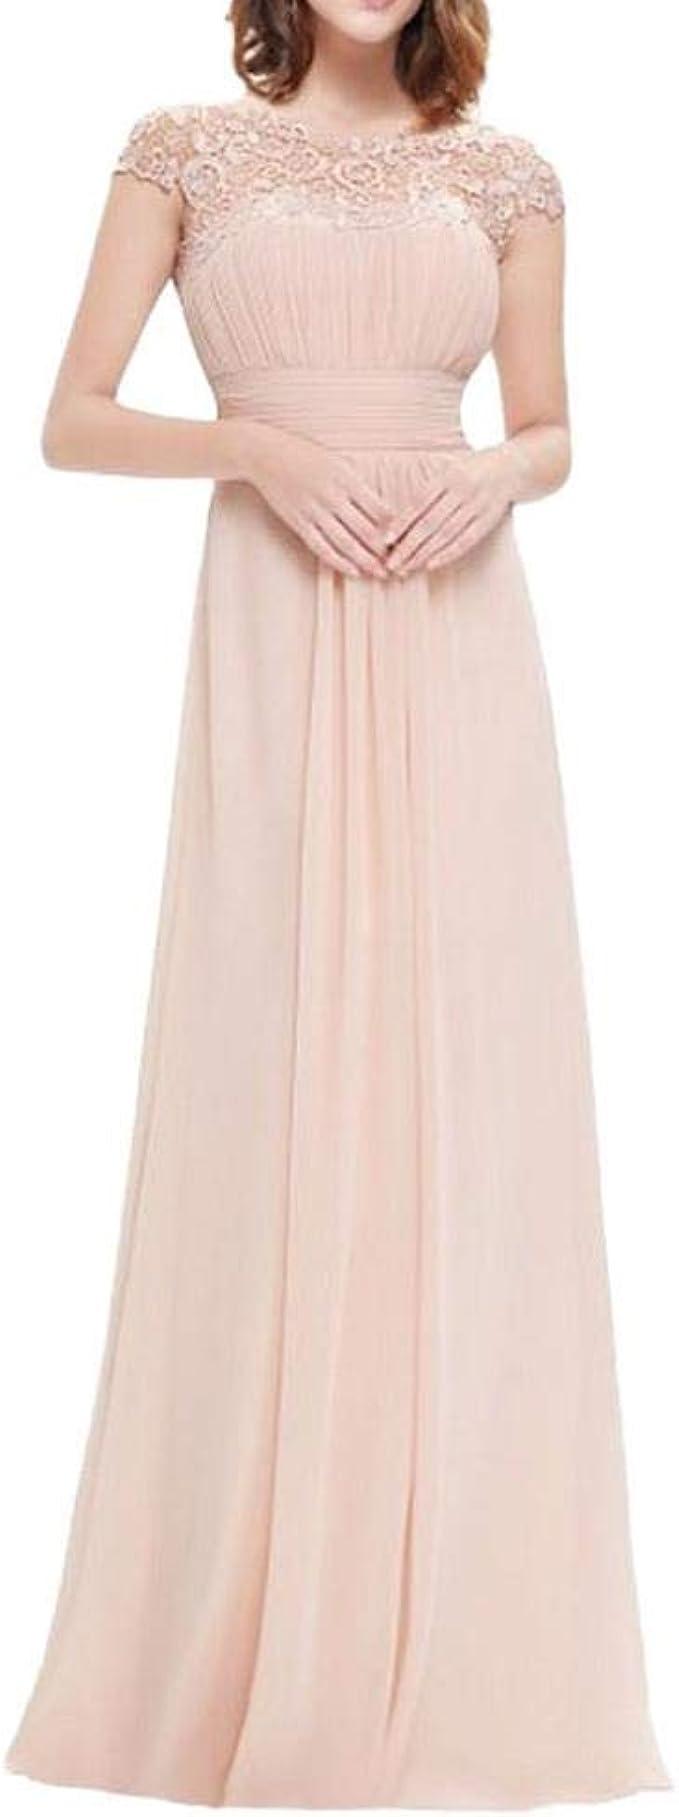 YEBIRAL Damen Kleid Festliche Kleider Brautjungfer Hochzeit Spitzenkleid  Cocktailkleid Chiffon Faltenrock Maxikleid Elegant Langes Abendkleid